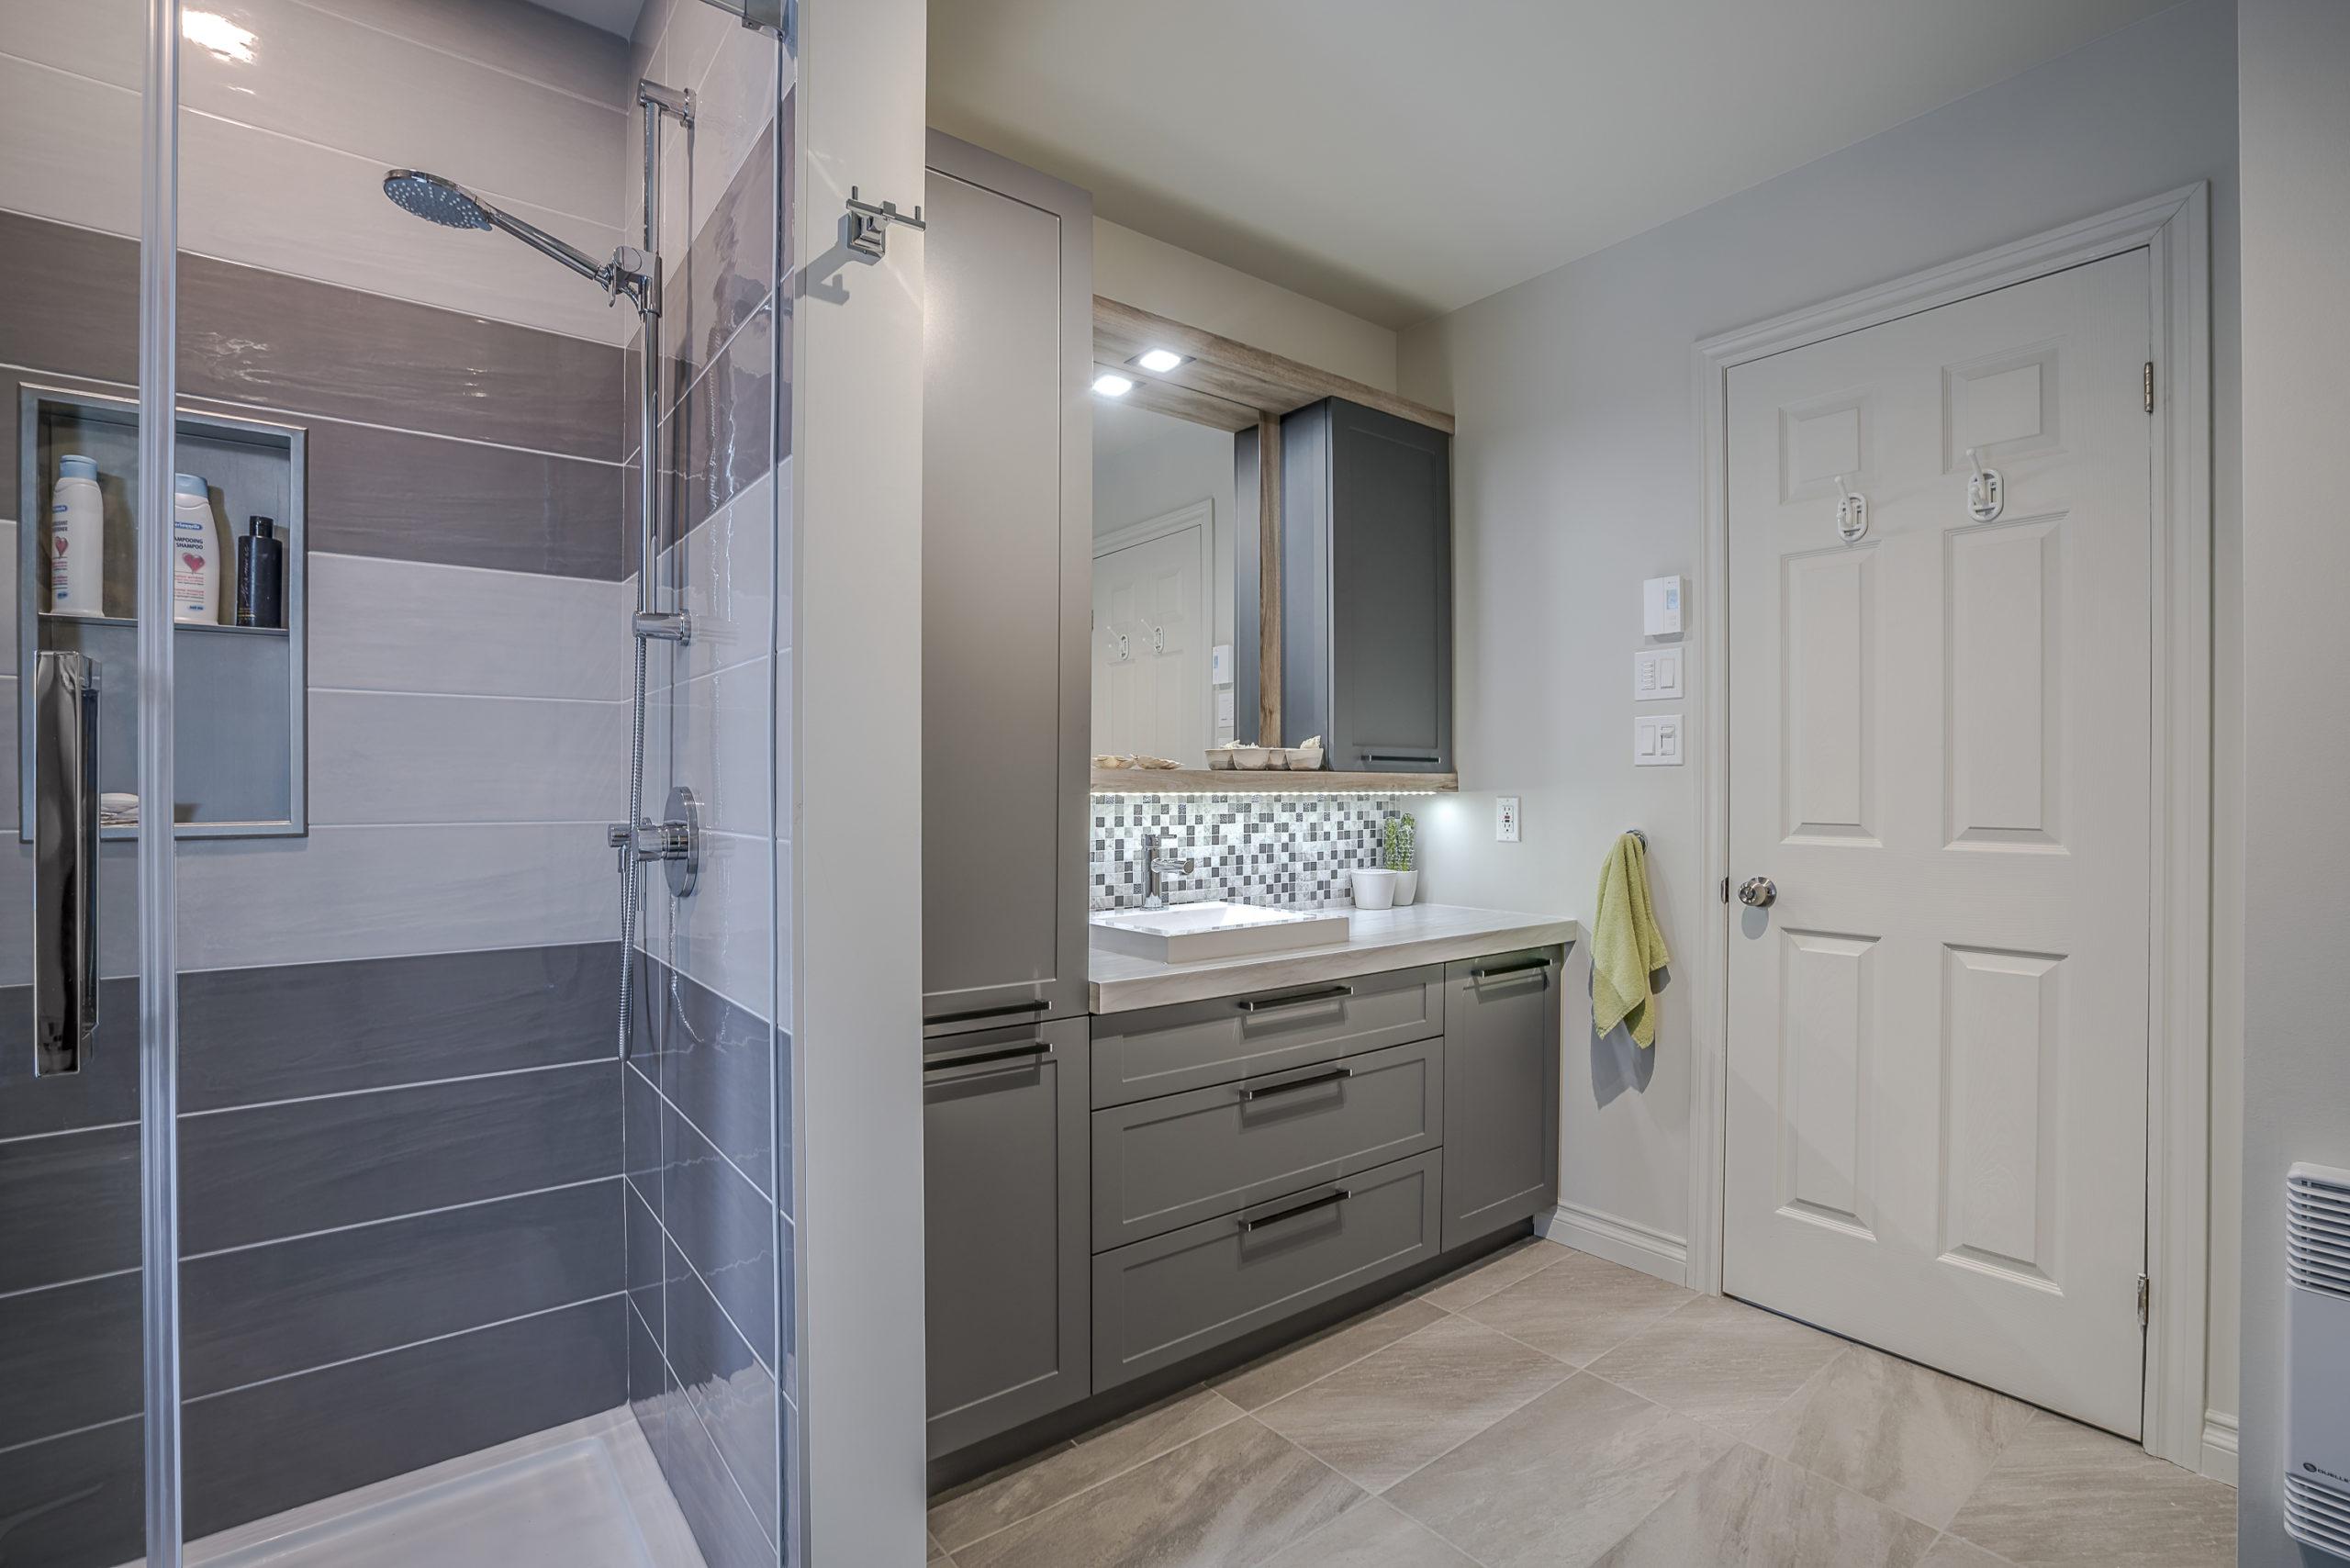 salle de bain neuve 4 refacing quebec